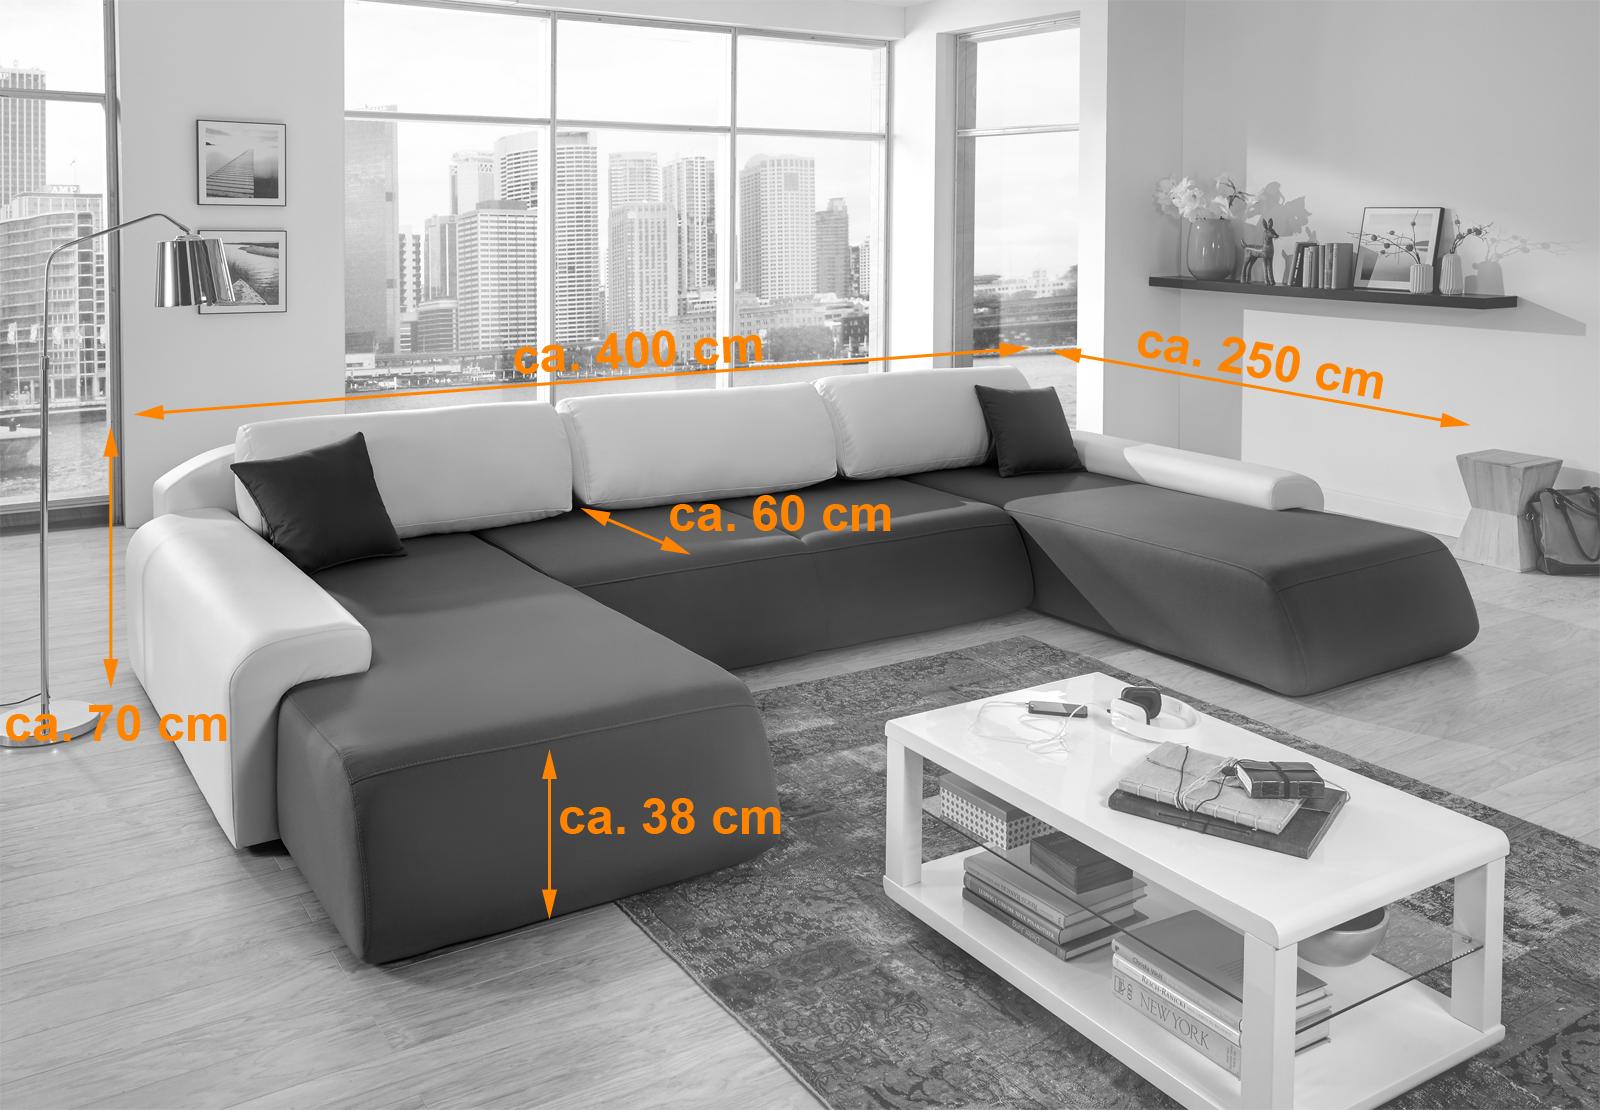 Sam wohnlandschaft grau wei sol 250 x 400 x 250 cm for Sam wohnlandschaft